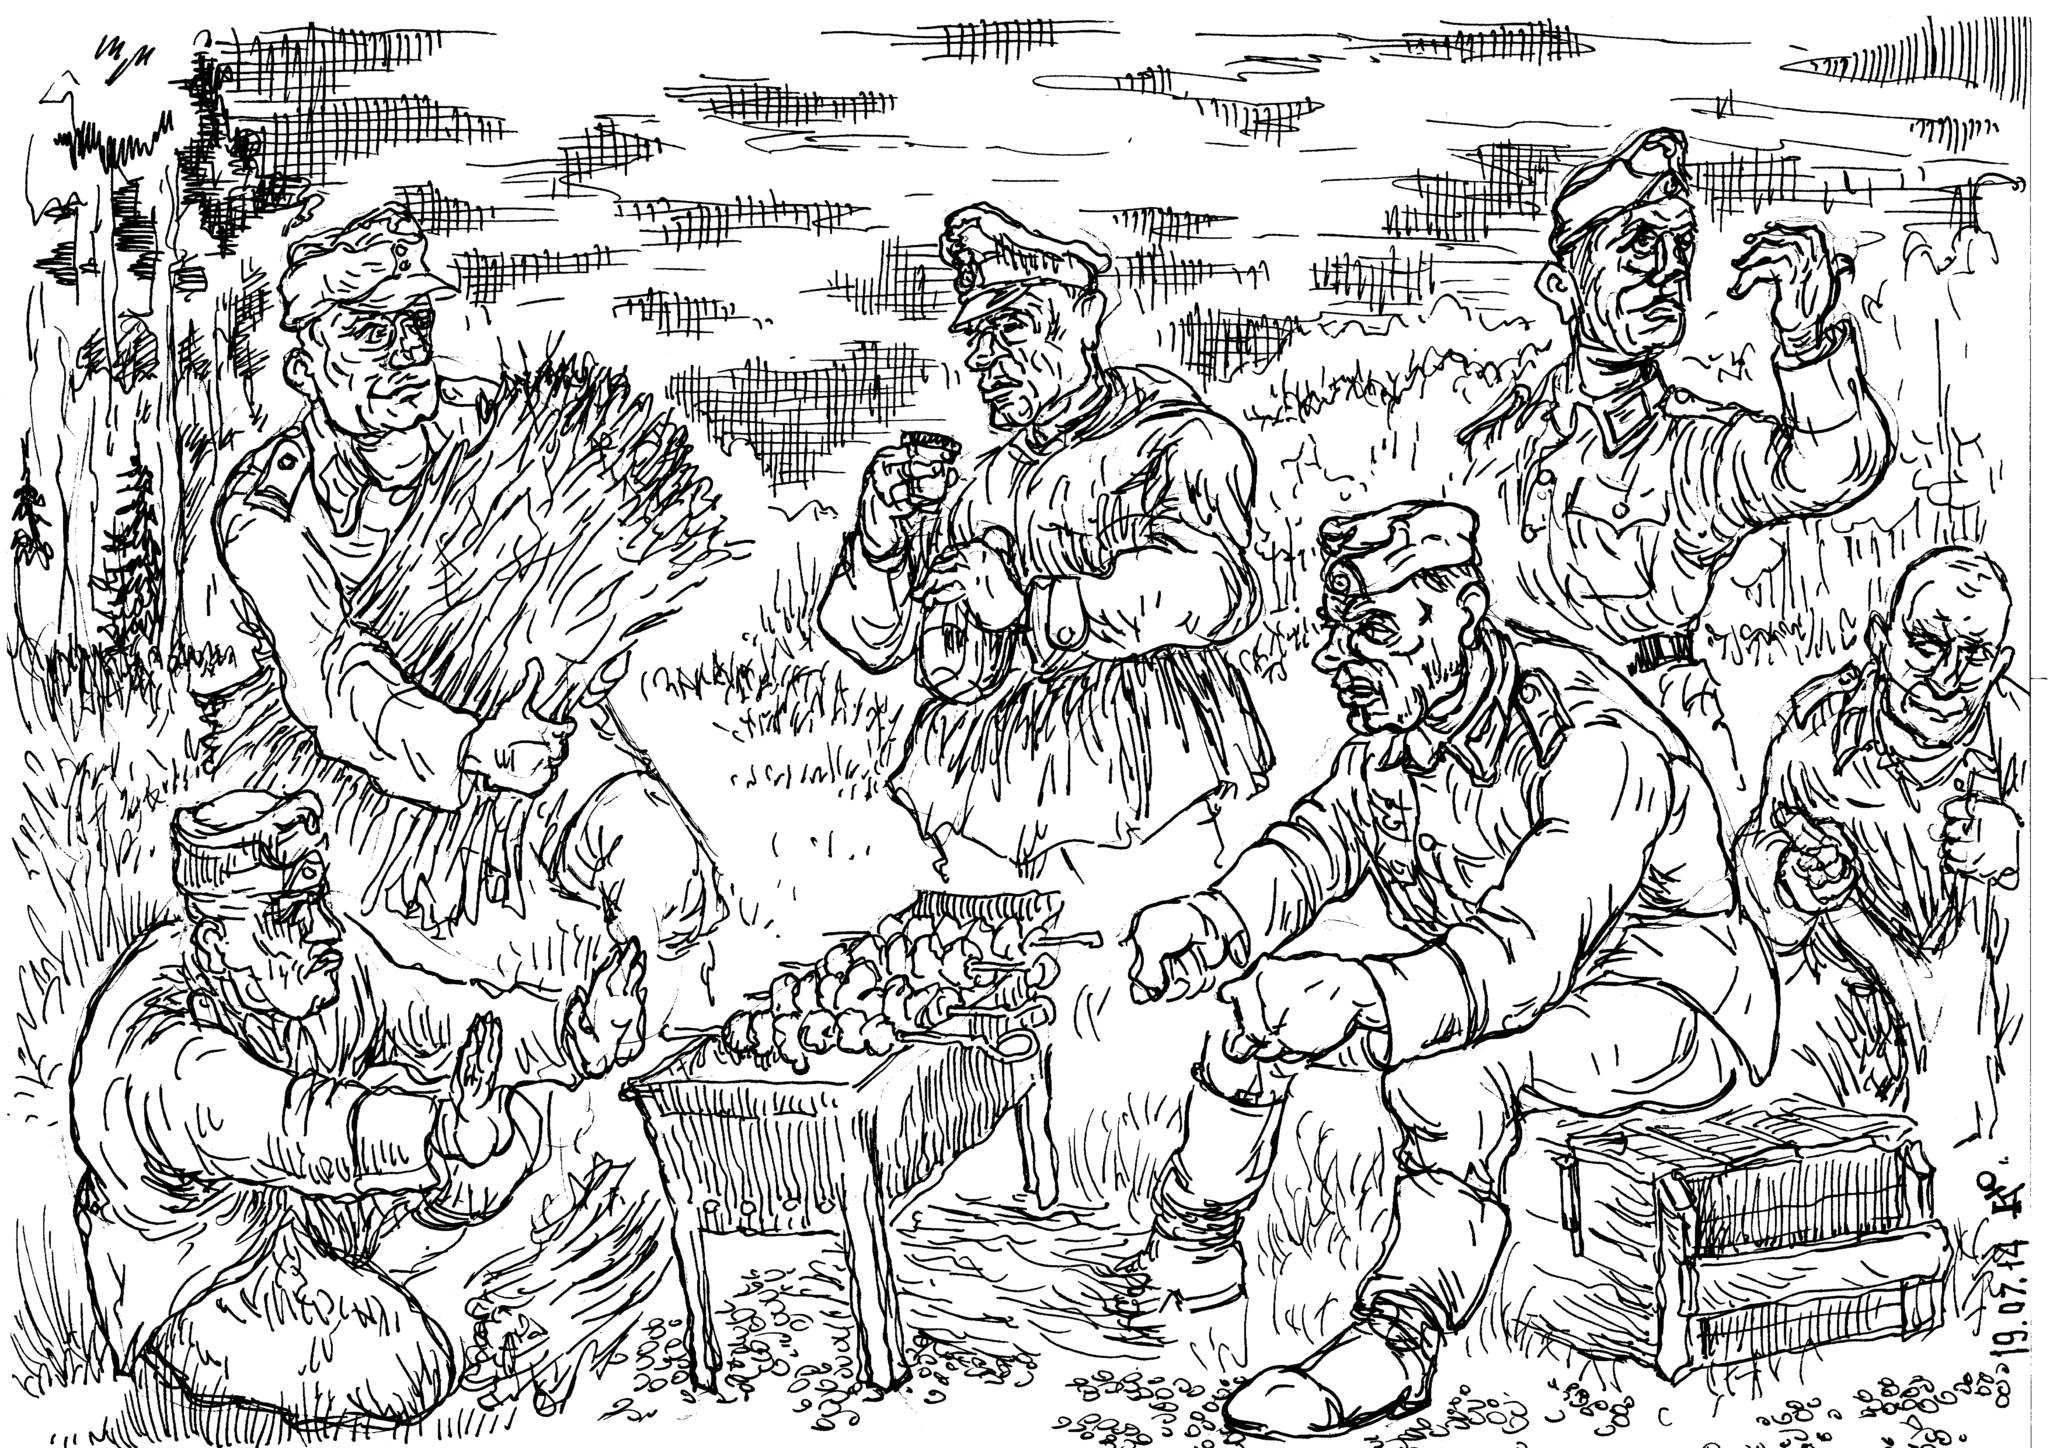 Вермахт, пришедший на территорию Кавказа, охотно перенимал обычаи коренных горных племён